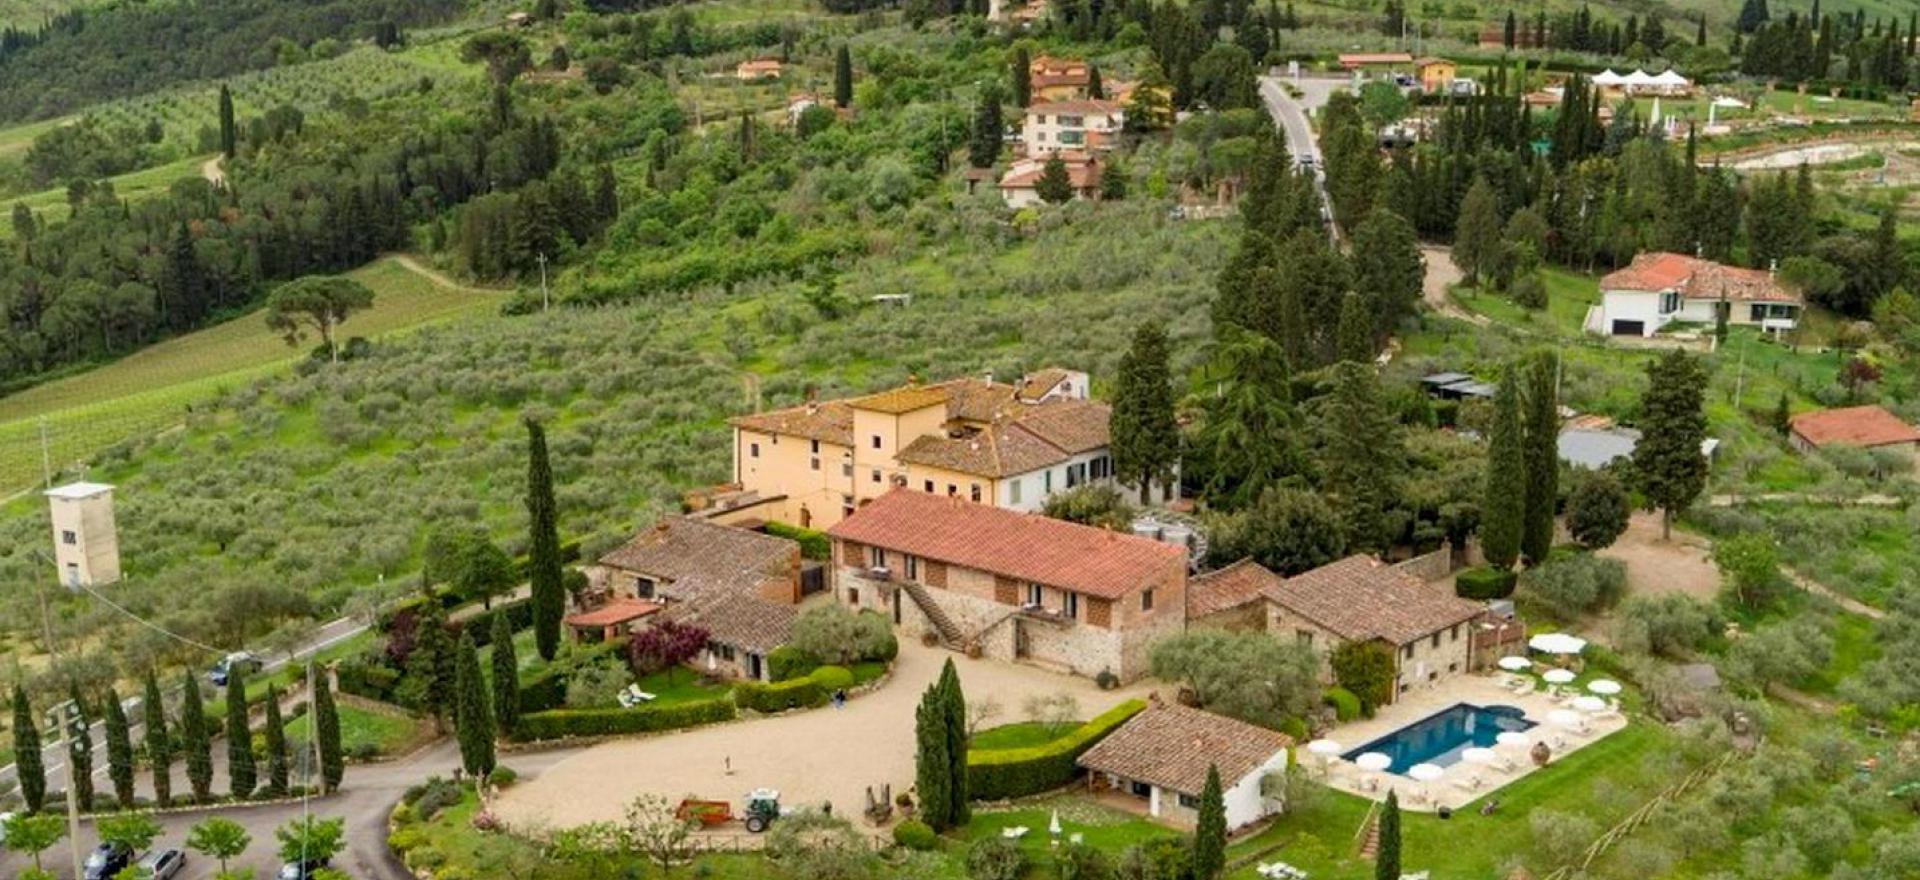 Agriturismo in Toscane tussen de wijngaarden bij Florence